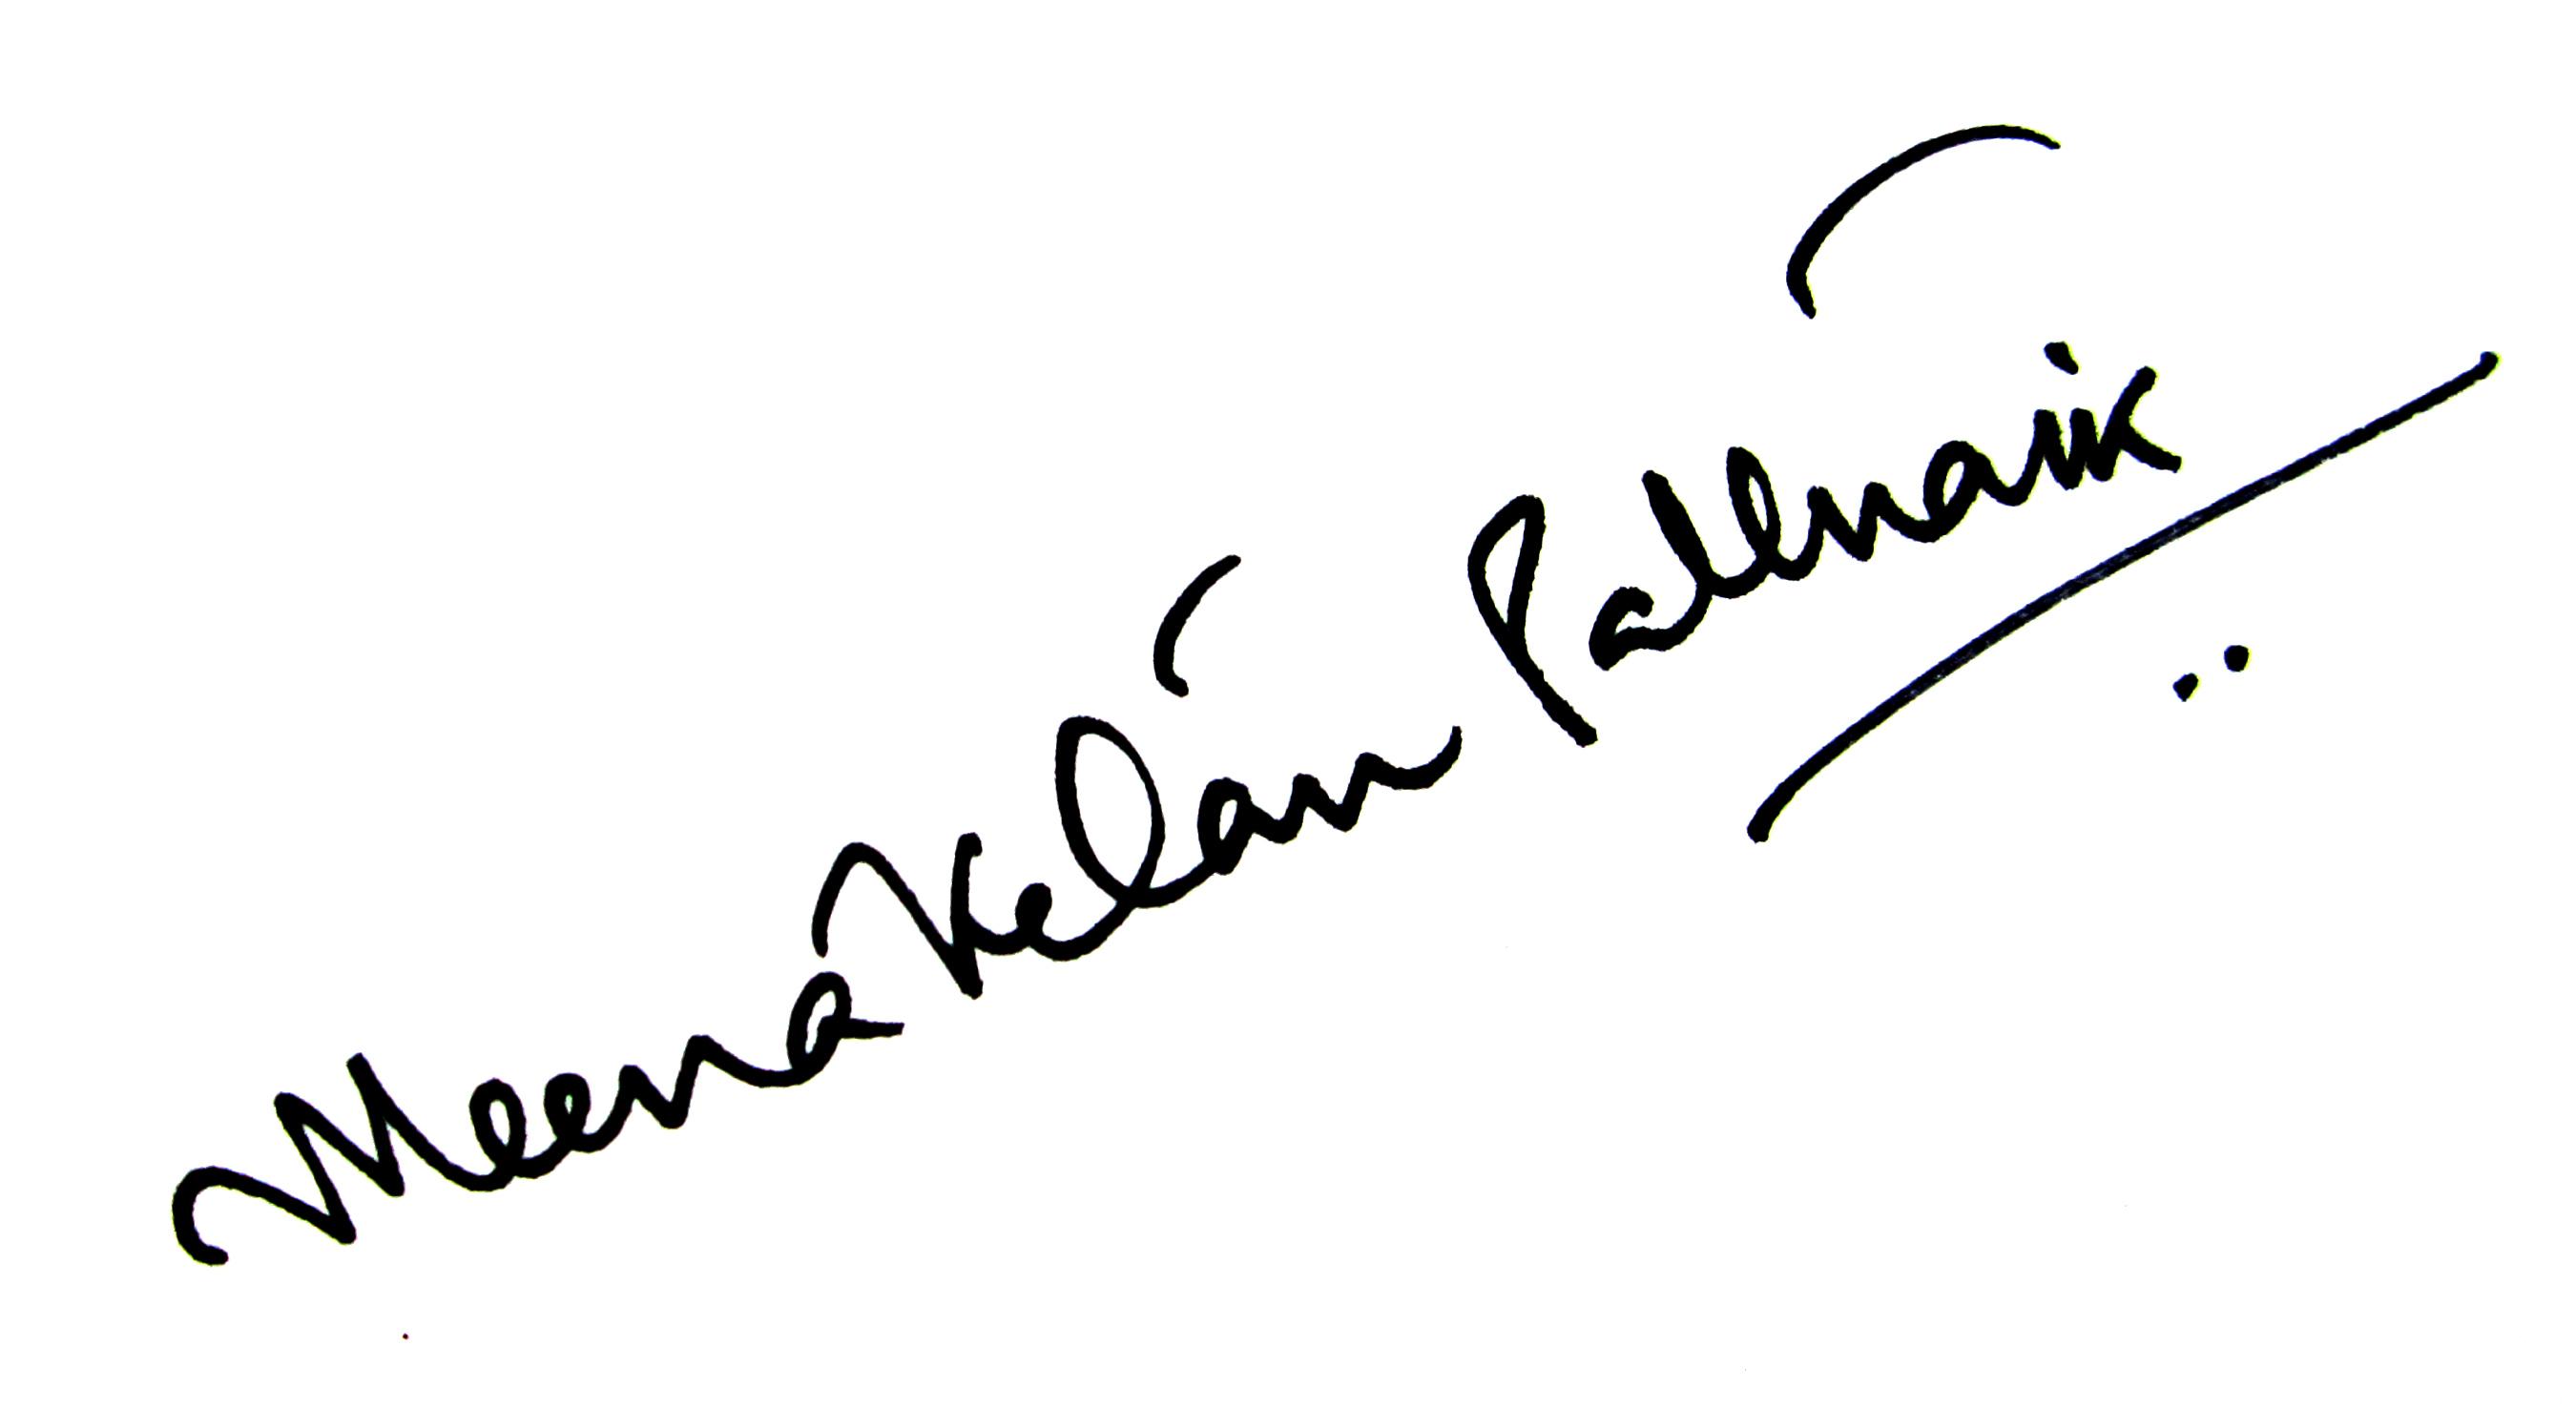 Meenaketan Pattnaik's Signature